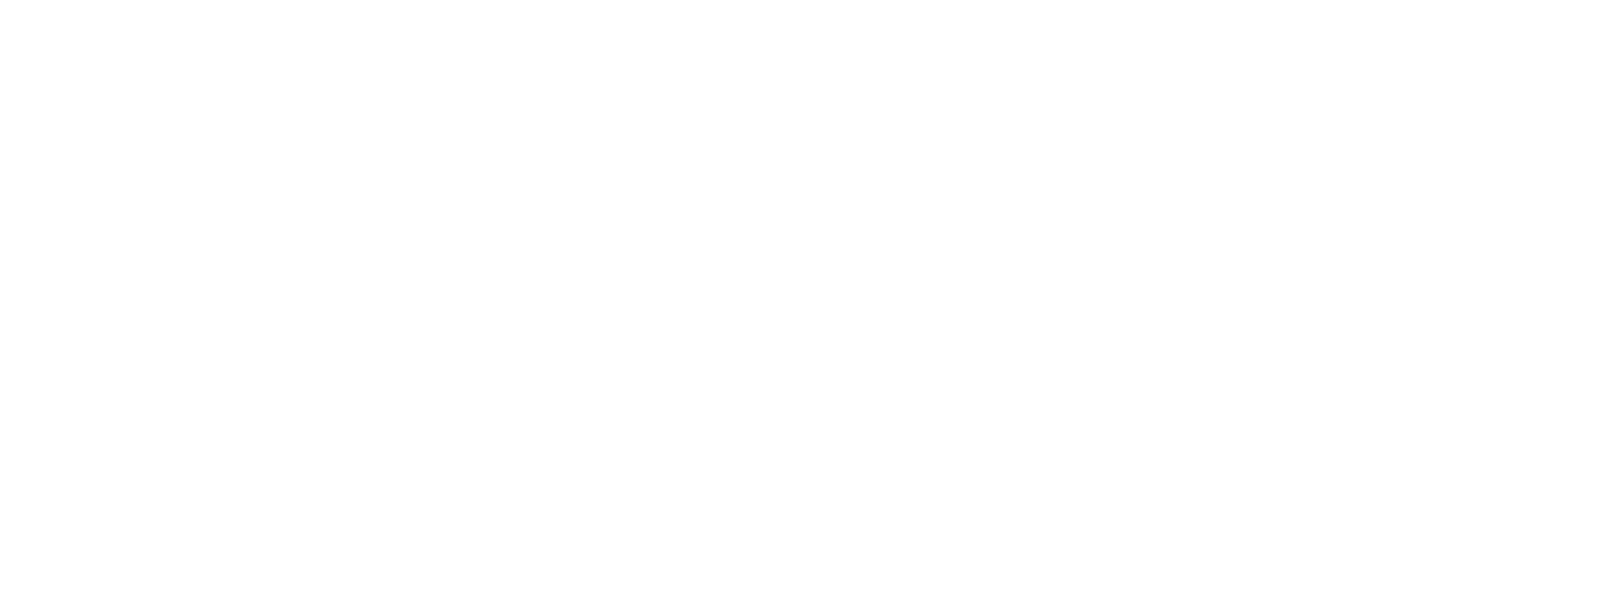 لایه نهم اسلایدر سی و پنجمین جشنواره تئاتر فجر ، عکاسی ، هویت بصری ، شرکت تبلیغاتی الف ، طراحی لوگو ، طراحی لوگوتایپ ، طراحی هویت بصری ، هویت بصری سی و پنجمین جشنواره بین المللی تئاتر فجر